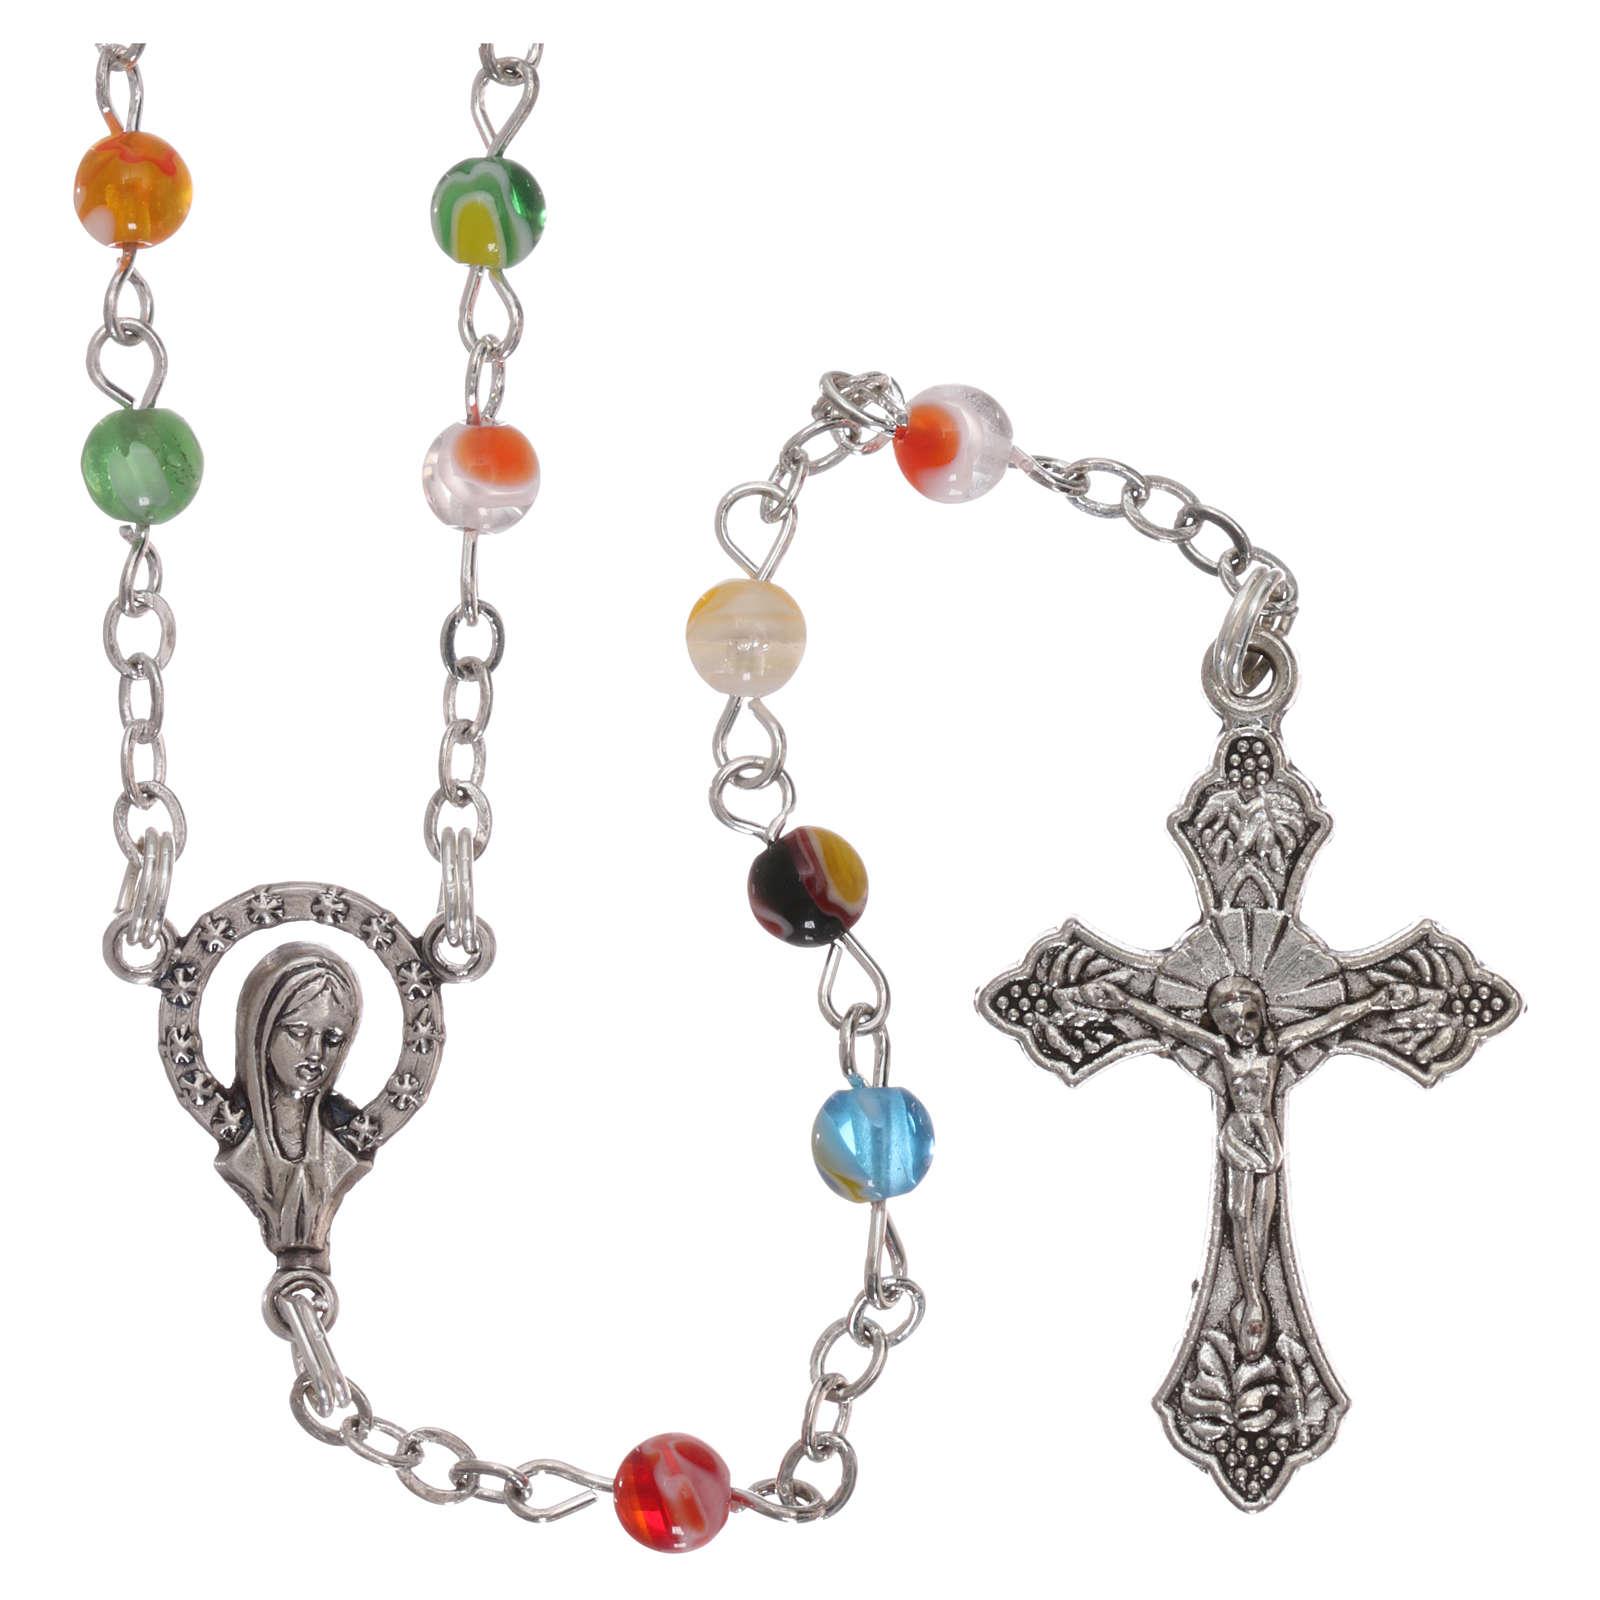 Rosenkranz mit vielfarbigen Perlen aus Murano-Glas-Imitation 4 mm 4